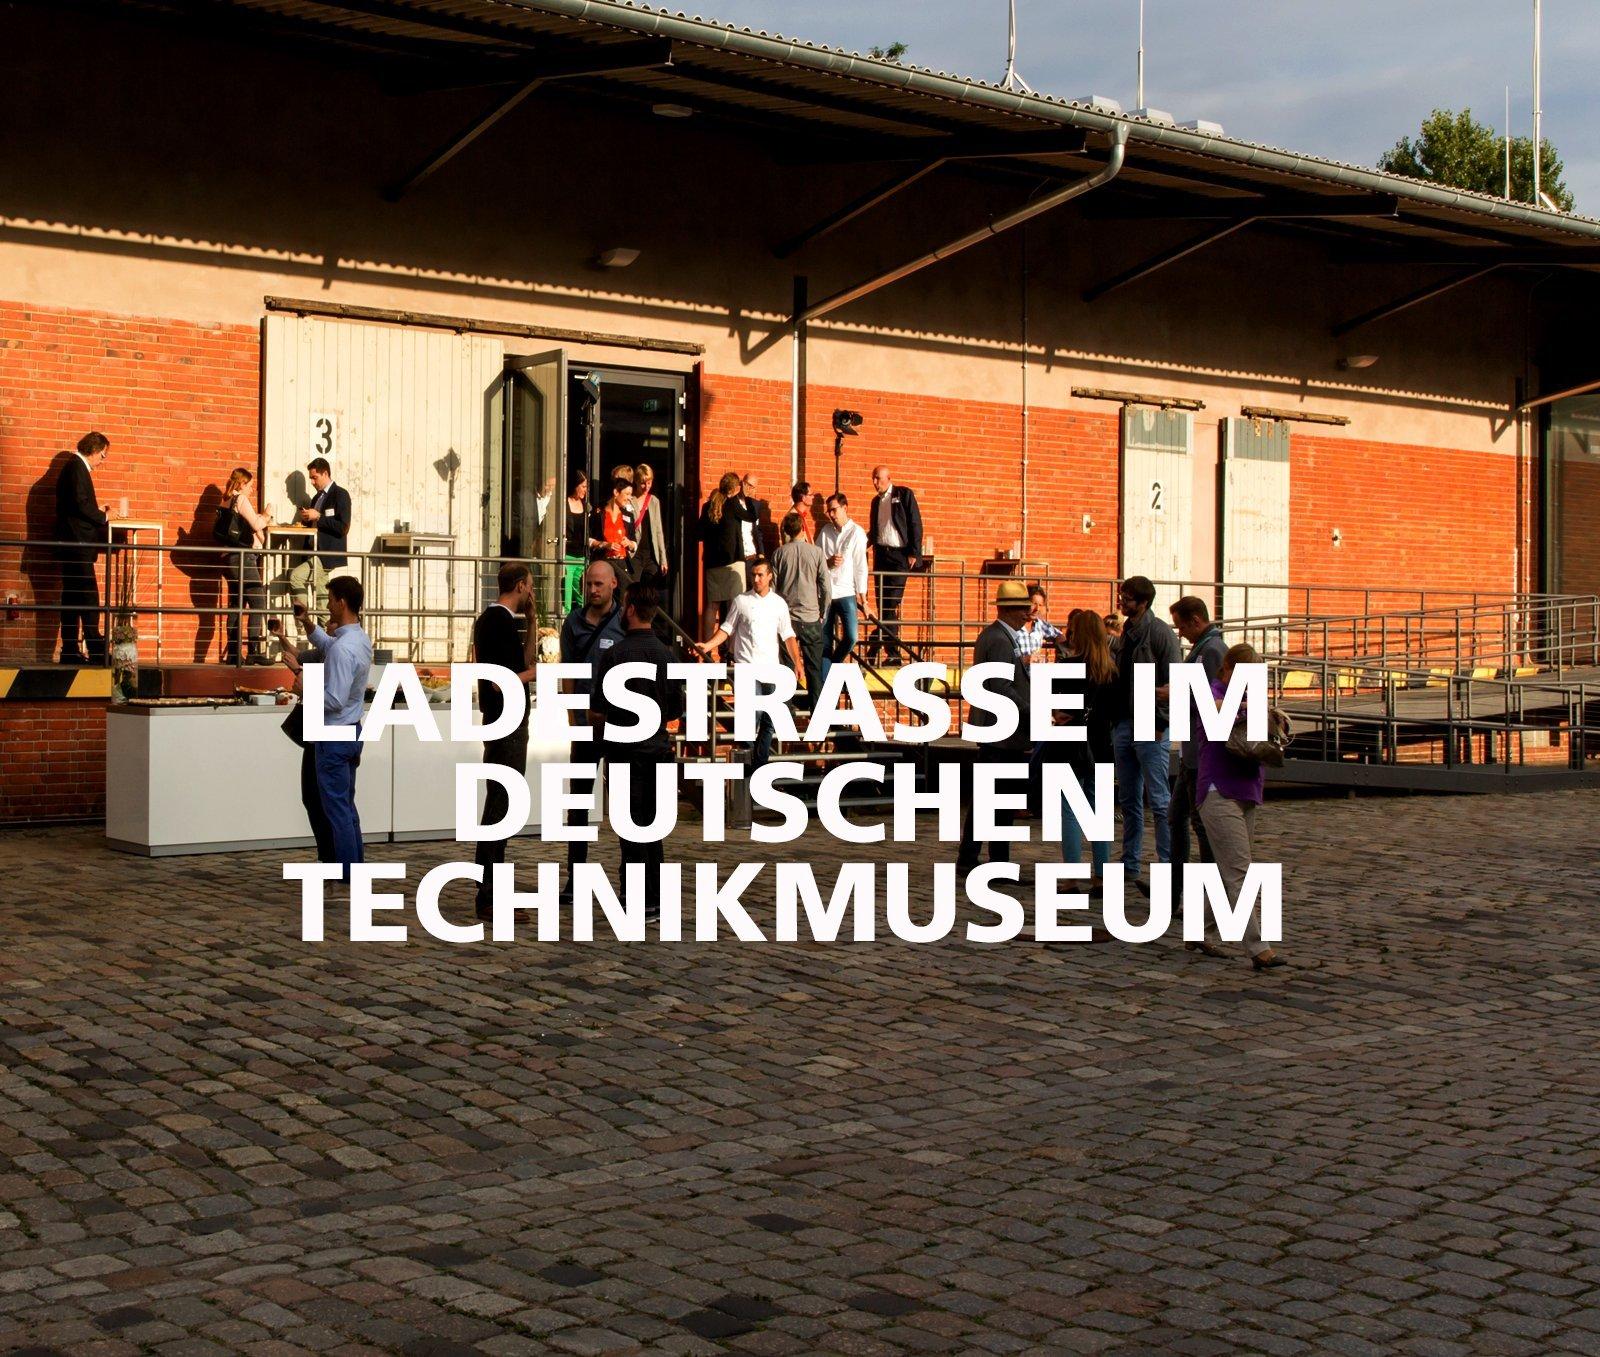 FLORIS Partner Location Ladestrasse im Deutschen Technikmuseum